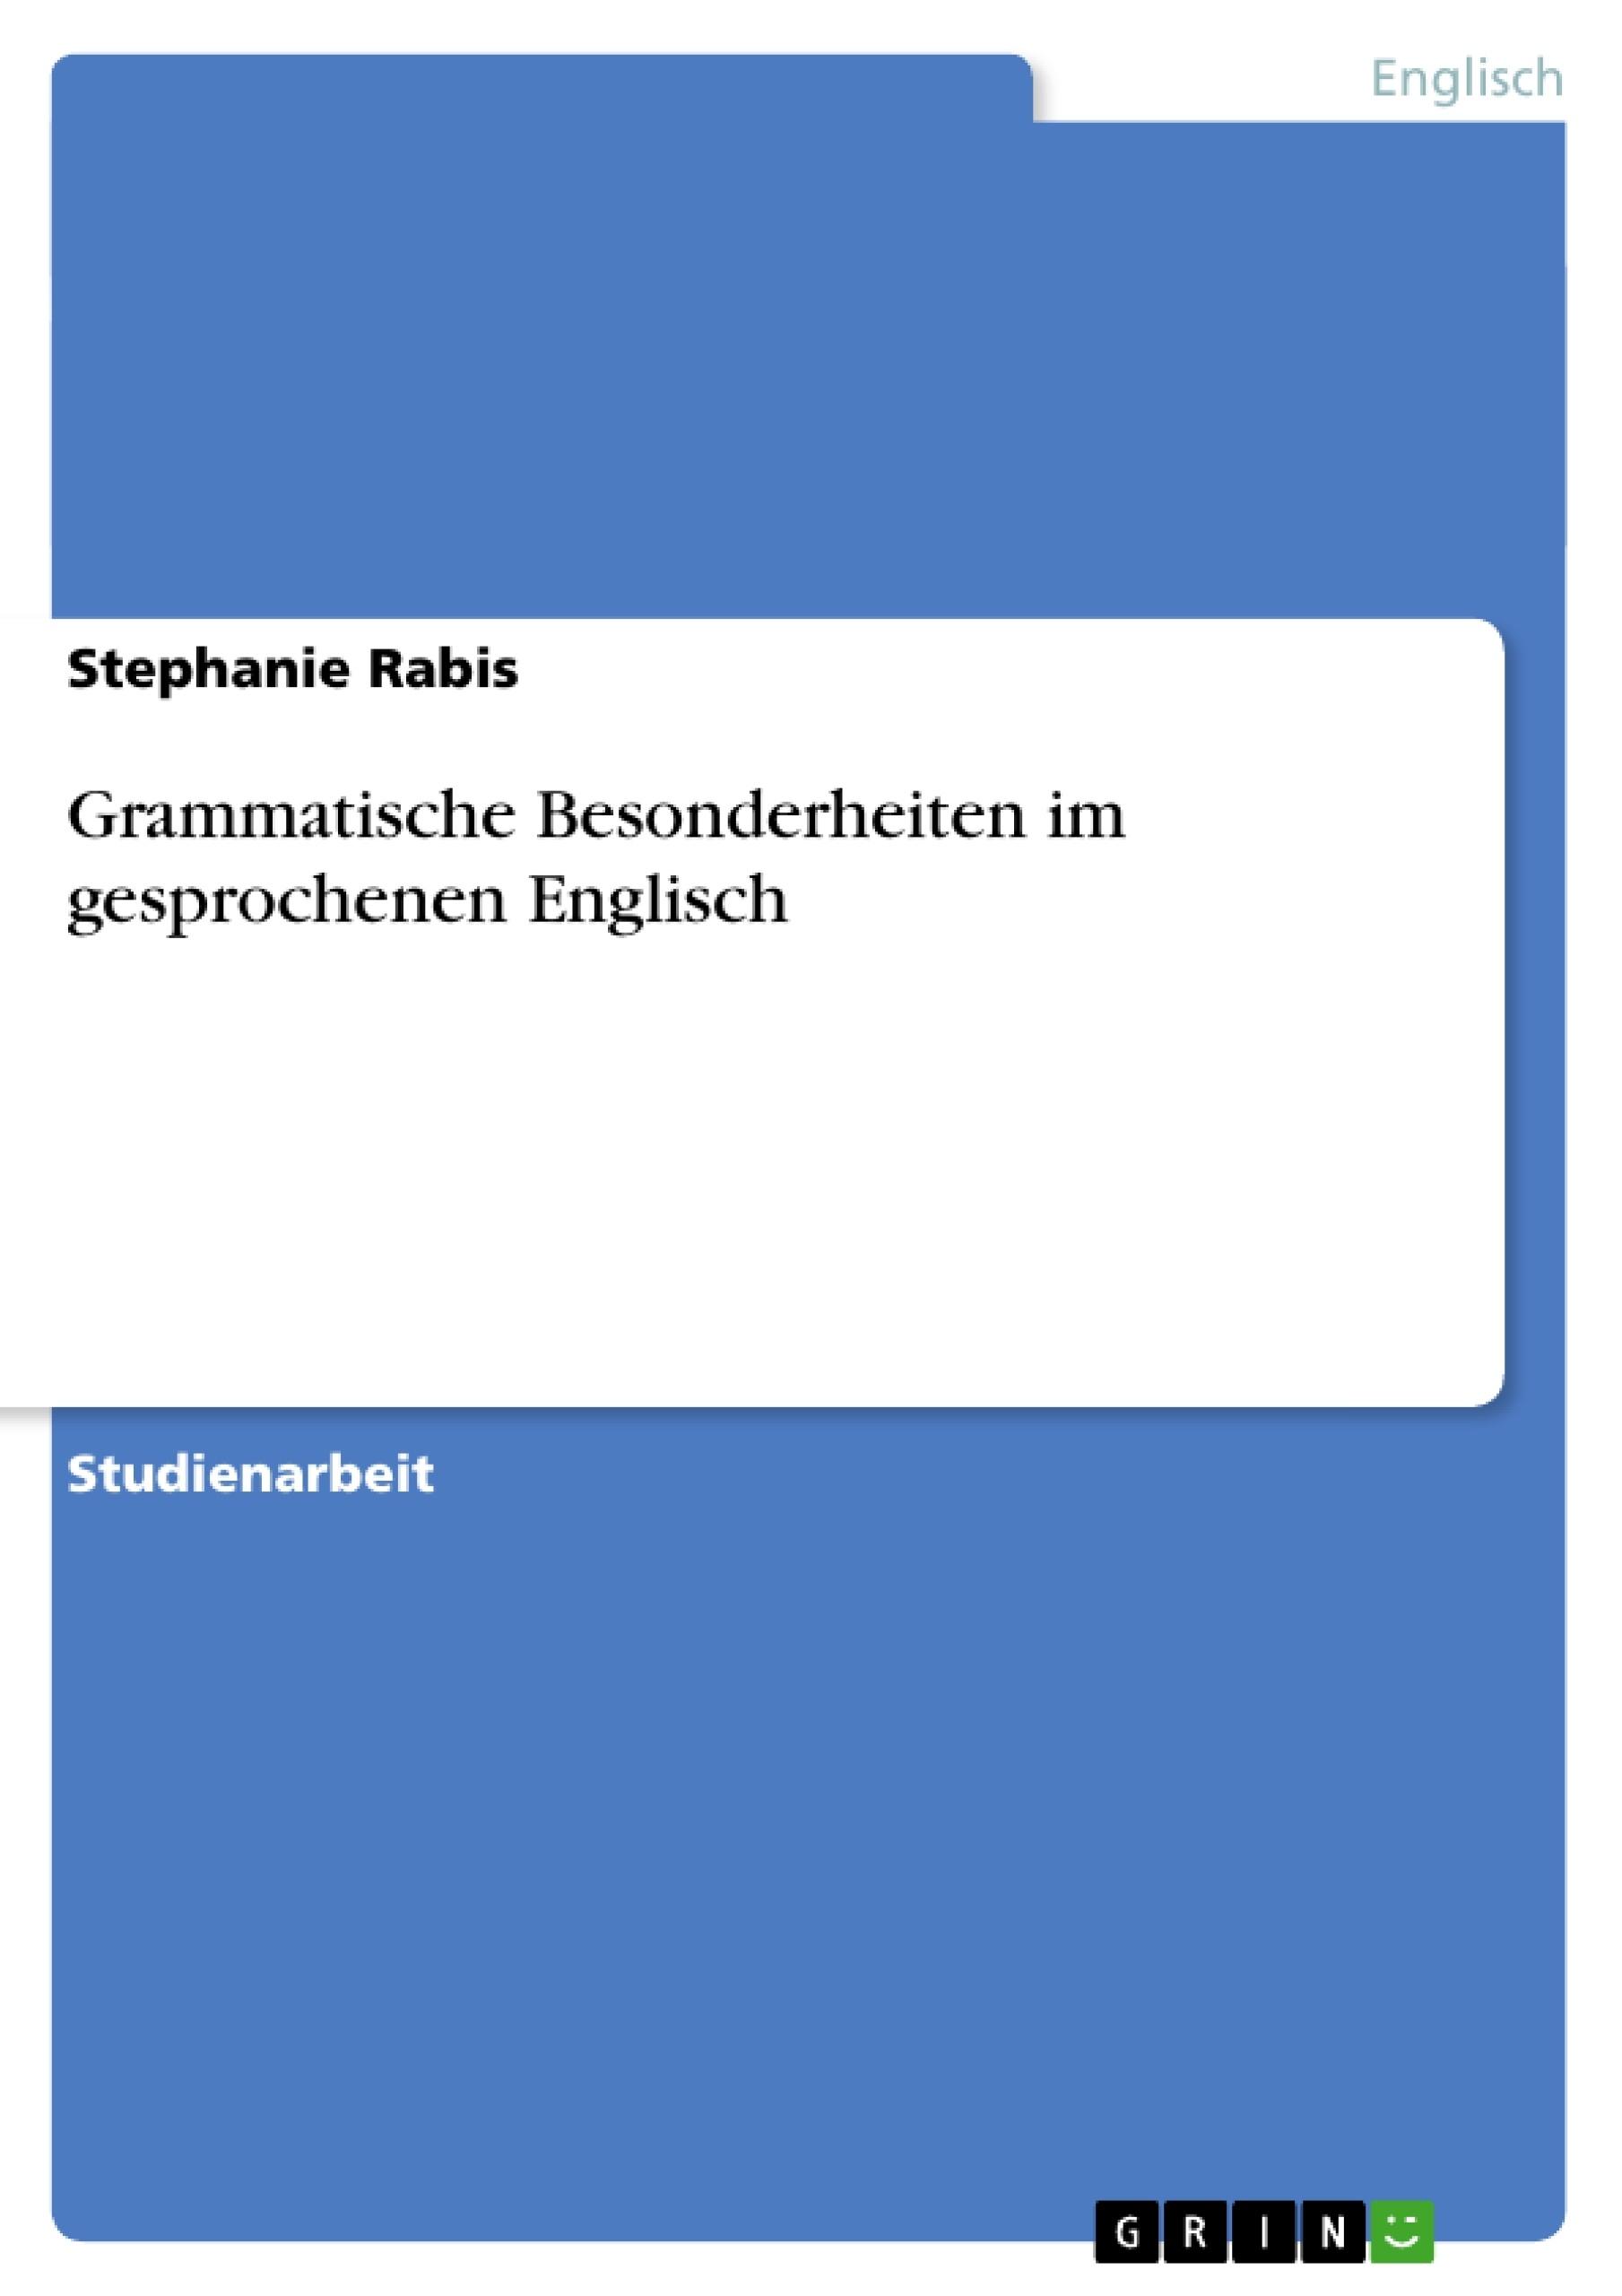 Englisch aufsatz konjunktionen inhaltsverzeichnis word